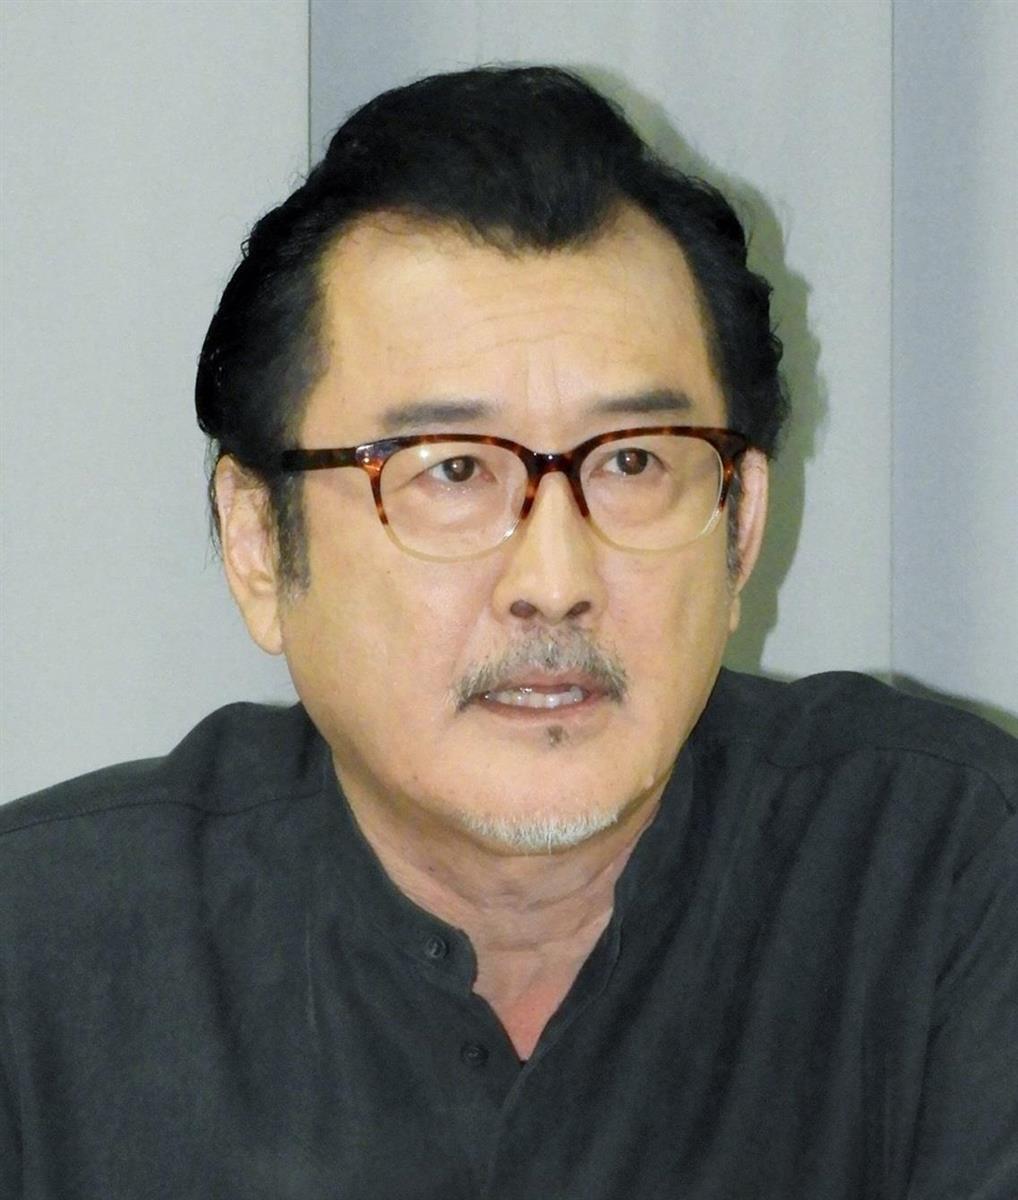 62歳の俳優、吉田鋼太郎さんに女児誕生